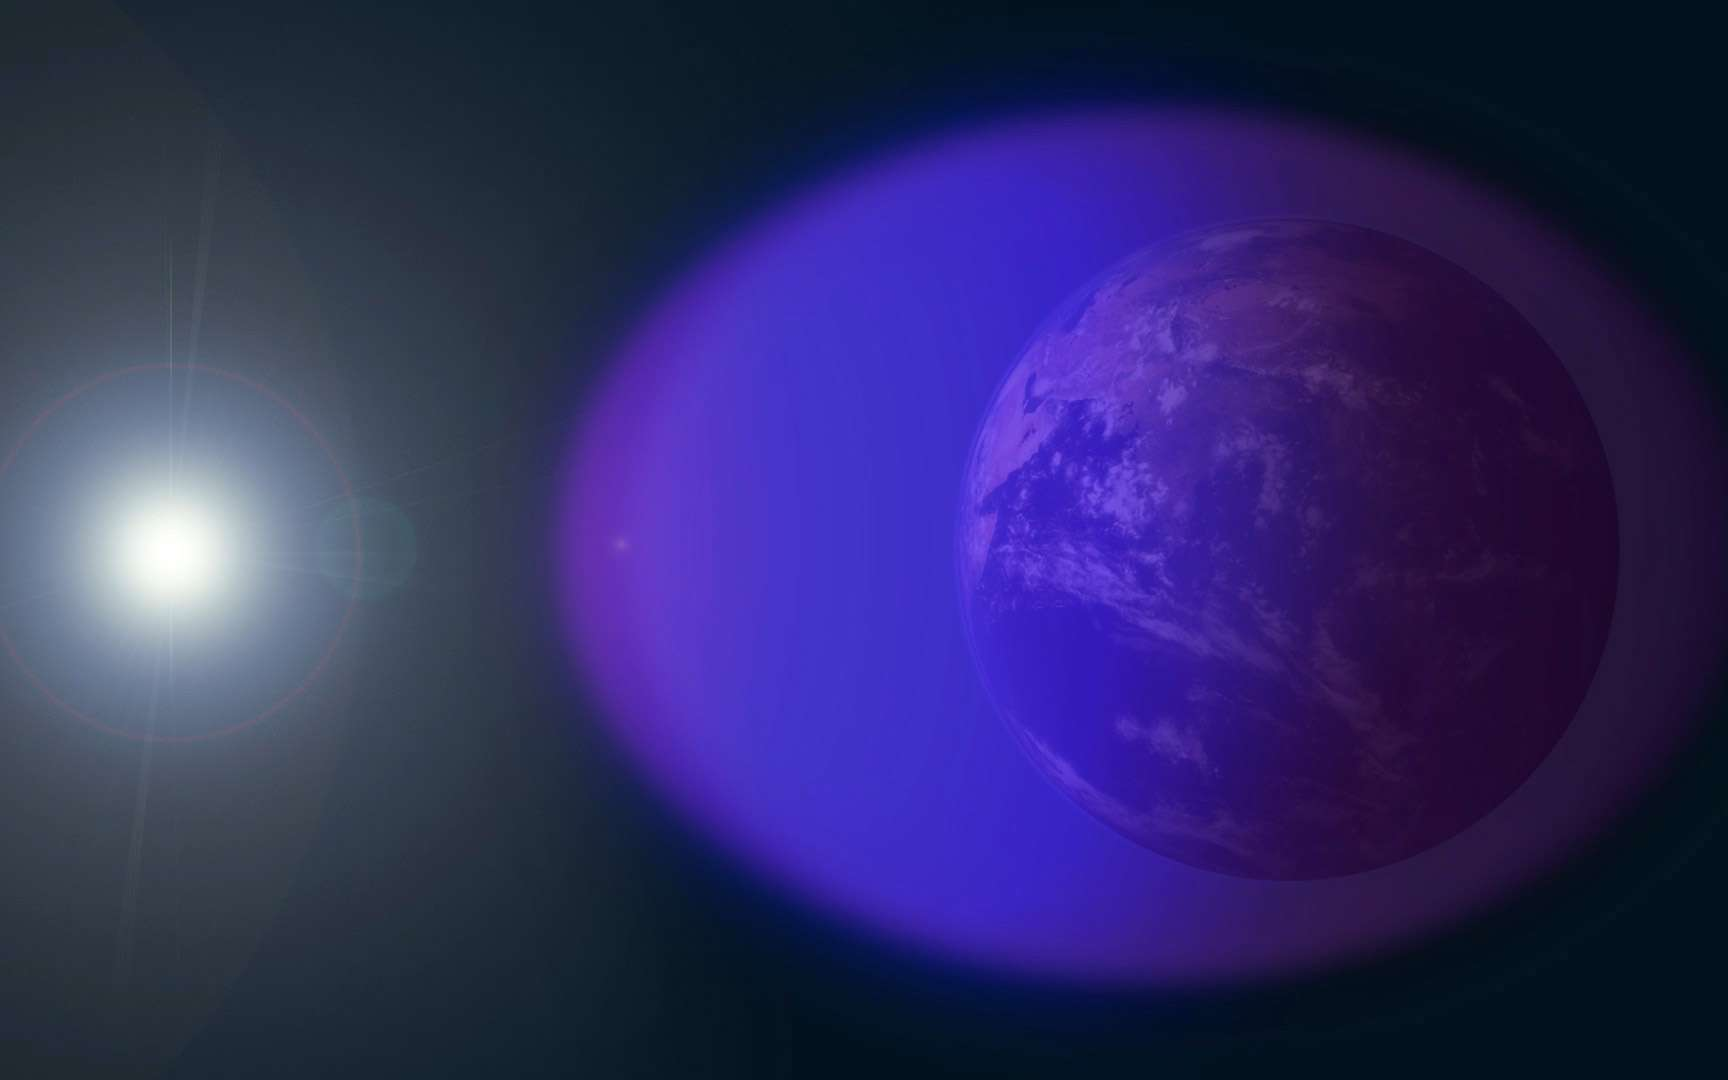 L'ionosphère est une des régions de l'atmosphère. Elle se situe entre 80 et 500 kilomètres et contient quatre couches distinctes. © Nasa, GSFC, Duberstein